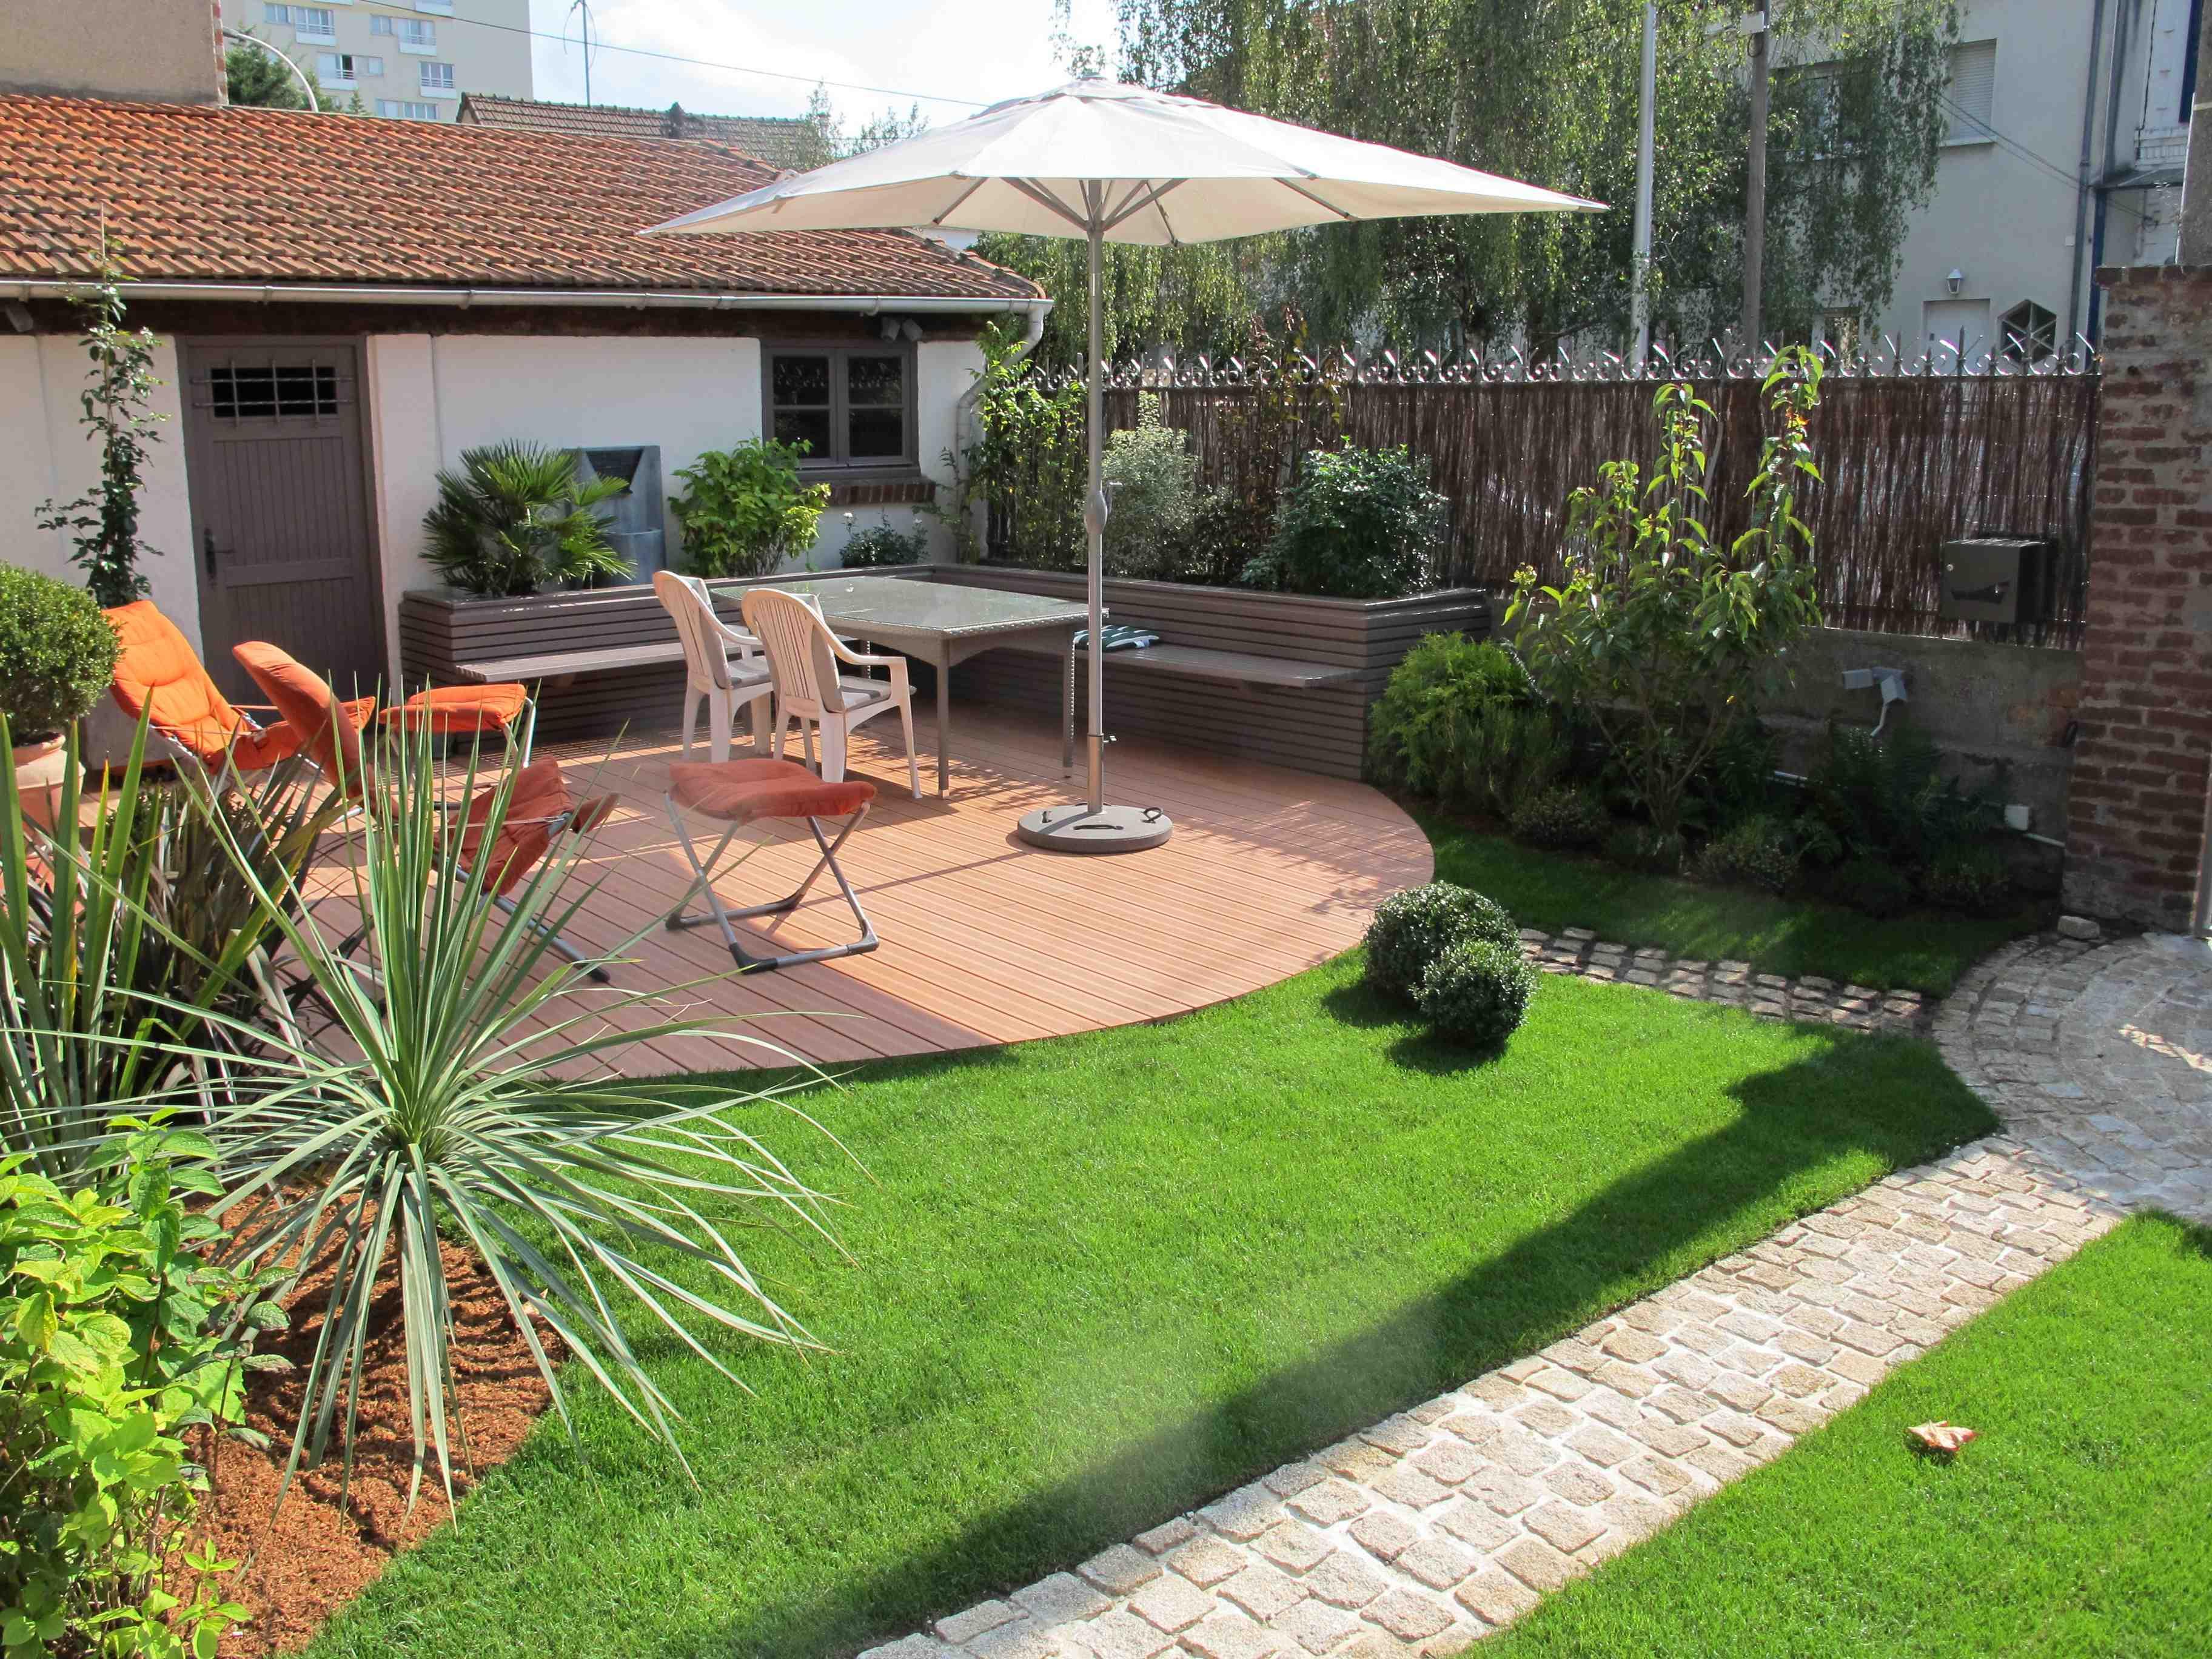 Comment Amenager Un Mur De Jardin cinq étapes pour aménager un jardin - habitation & travaux !